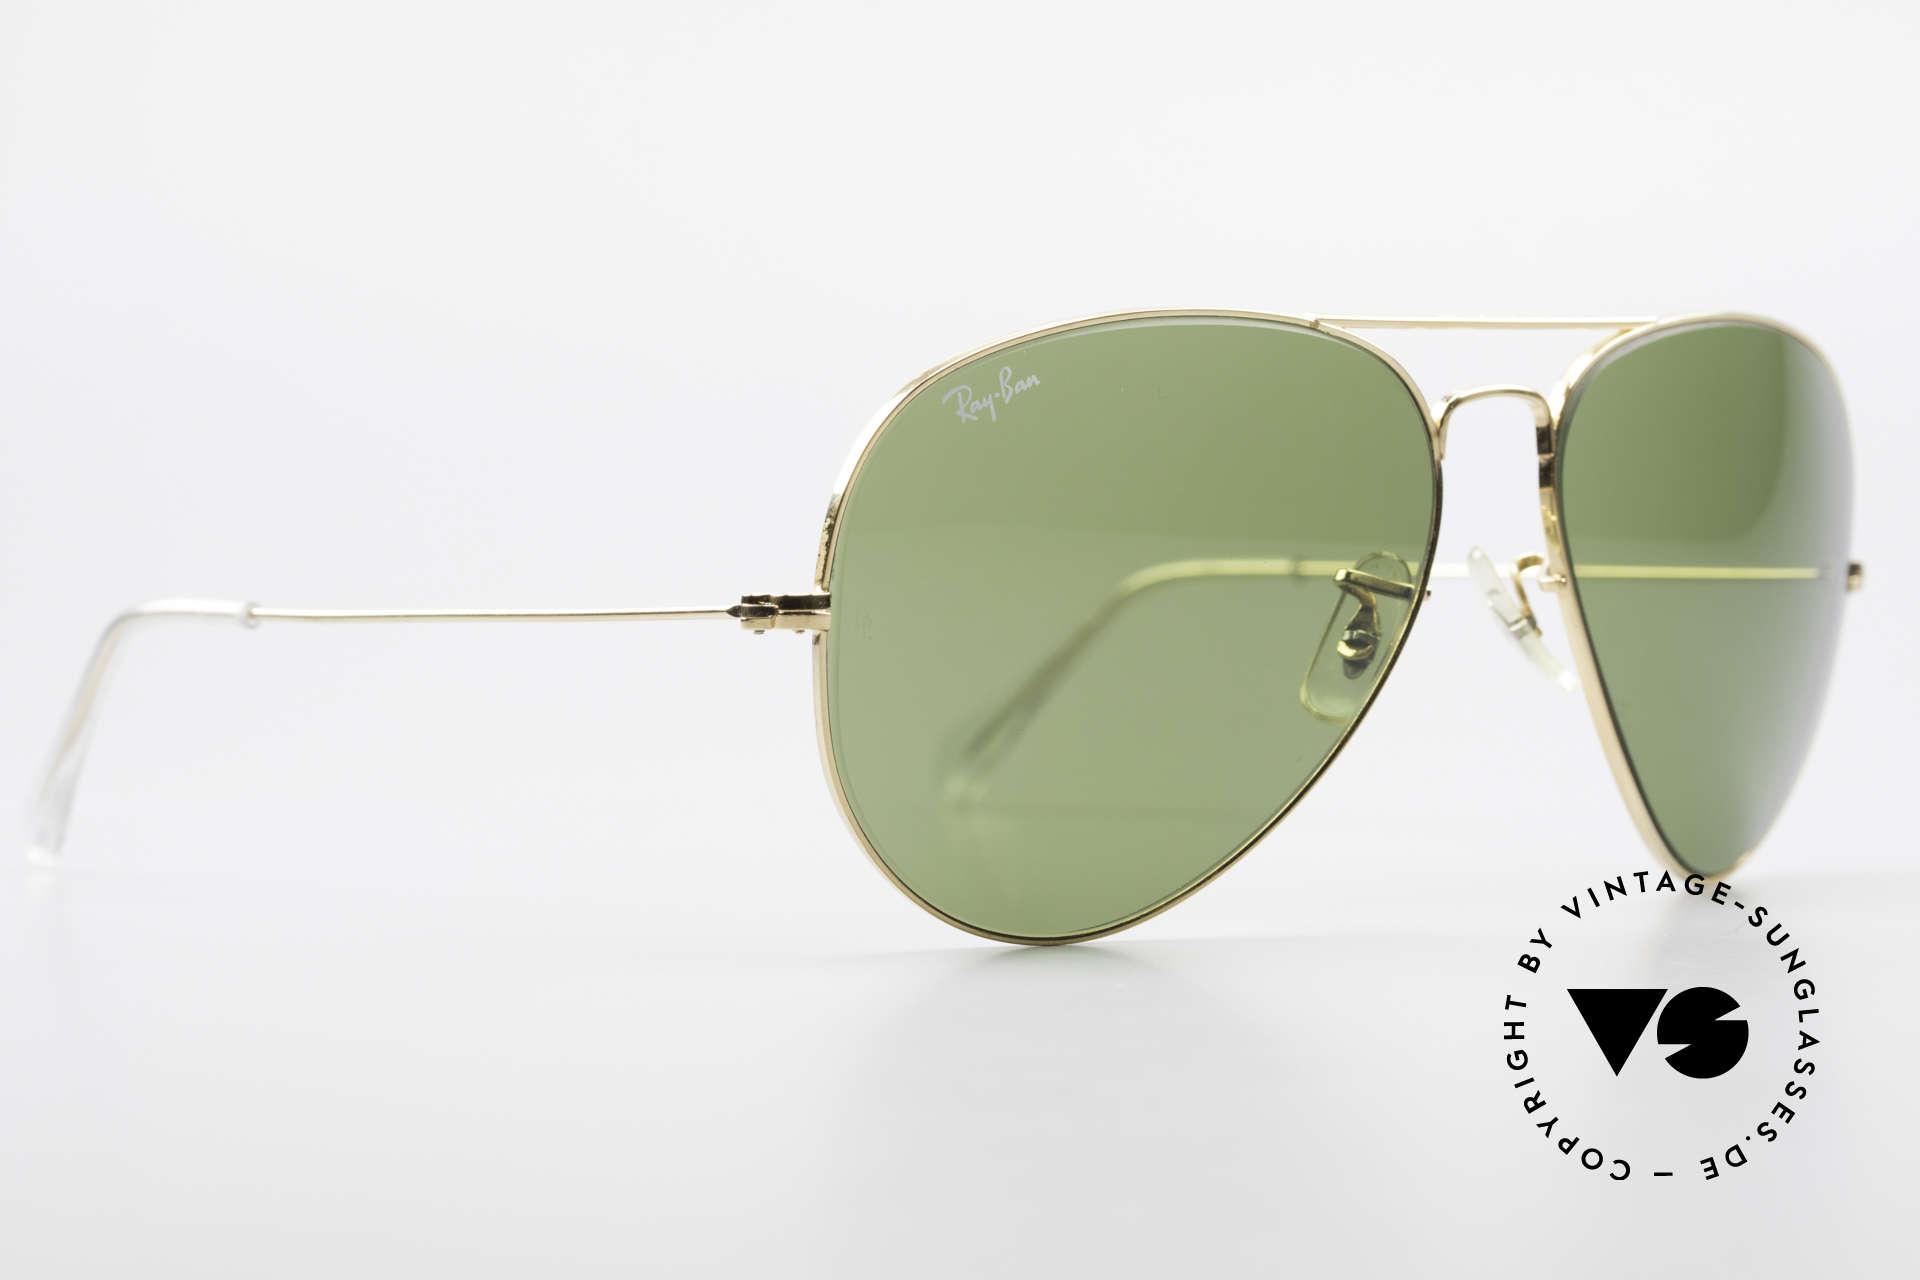 Ray Ban Large Metal II Alte Vintage Brille B&L USA, produziert in den 70ern & 80ern v. Bausch&Lomb, Passend für Herren